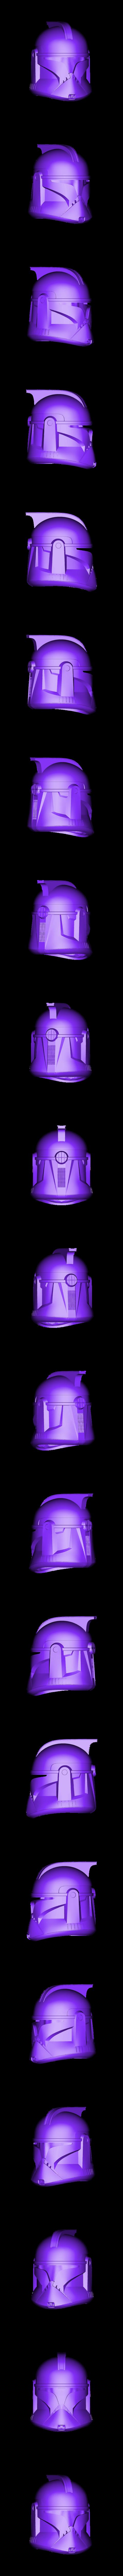 Helmet_Phase_1.obj Download OBJ file Clone Helmet Phase 1 • 3D printer design, fletcherkinnear